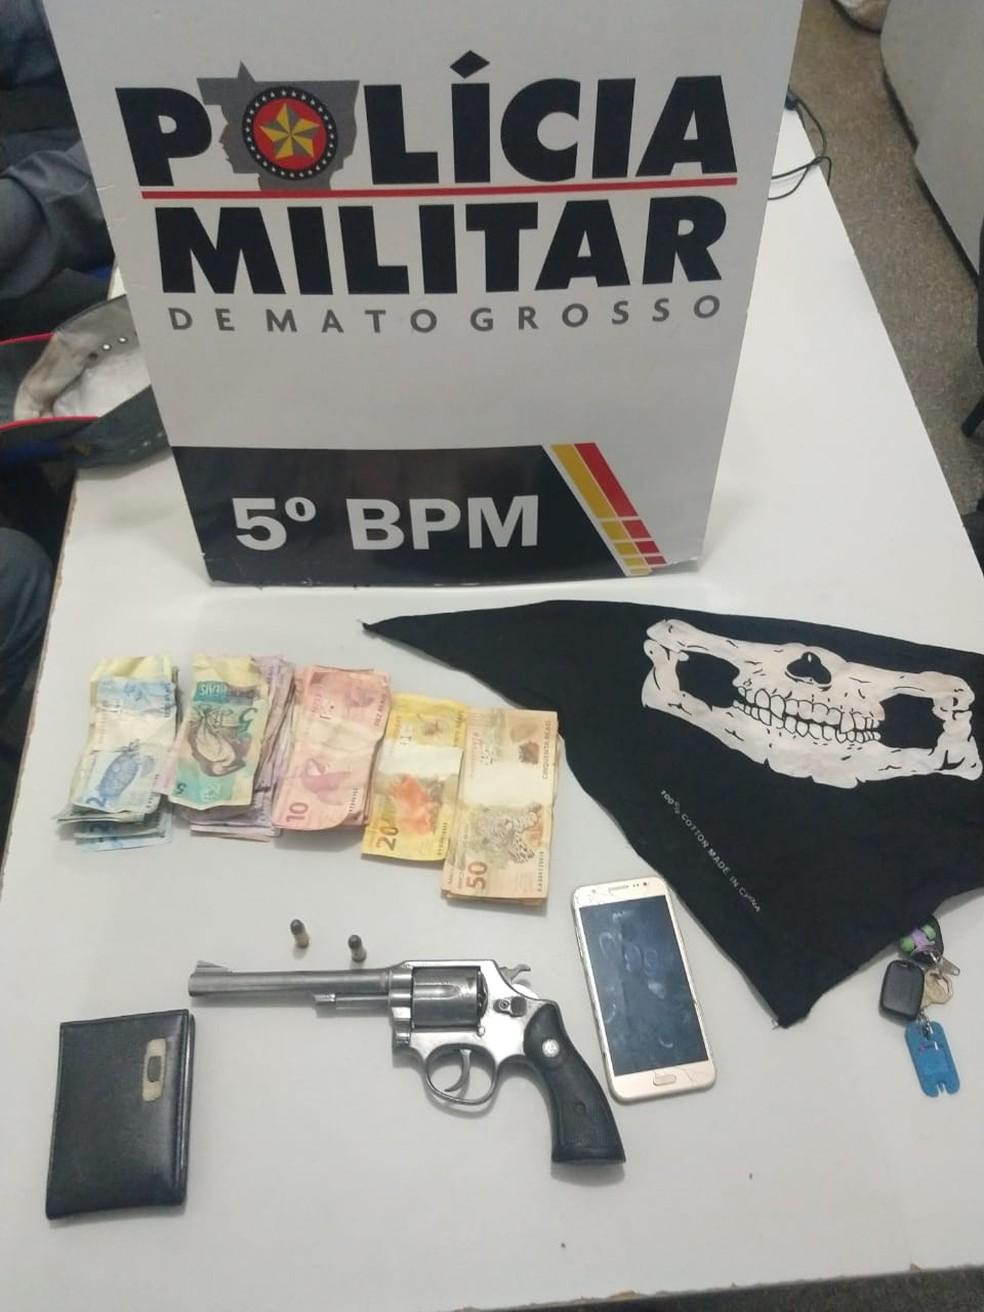 Dinheiro, arma e acessórios usados pelos assaltantes — Foto: Polícia Militar de Mato Grosso/Assessoria